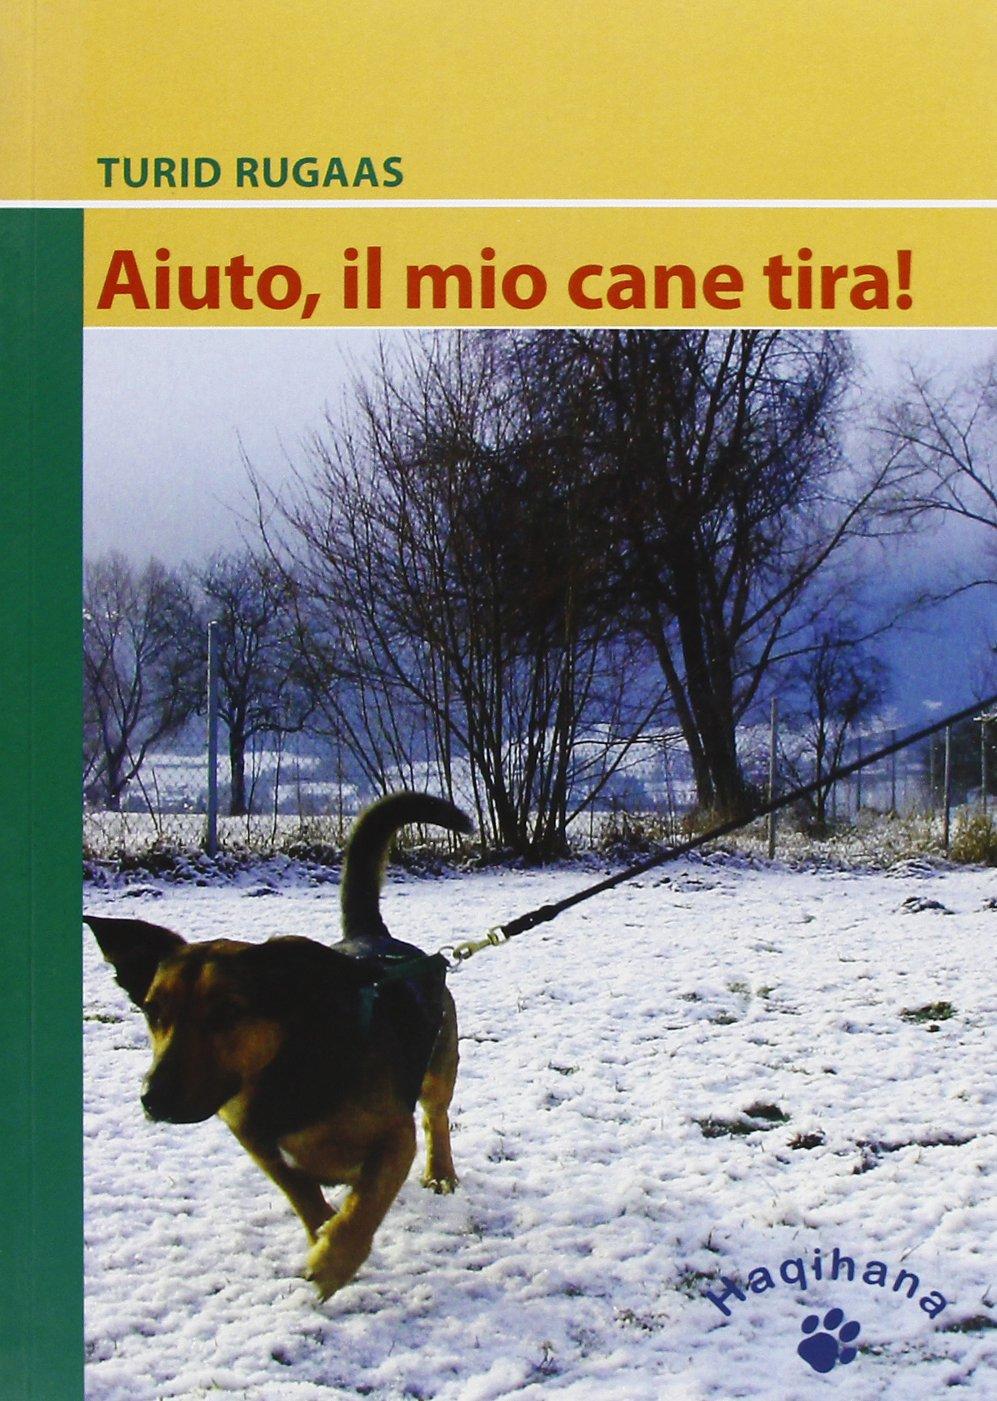 Aiuto, il mio cane tira! Copertina flessibile – 31 ott 2004 Turid Rugaas R. Scaringi S. Freir Haqihana